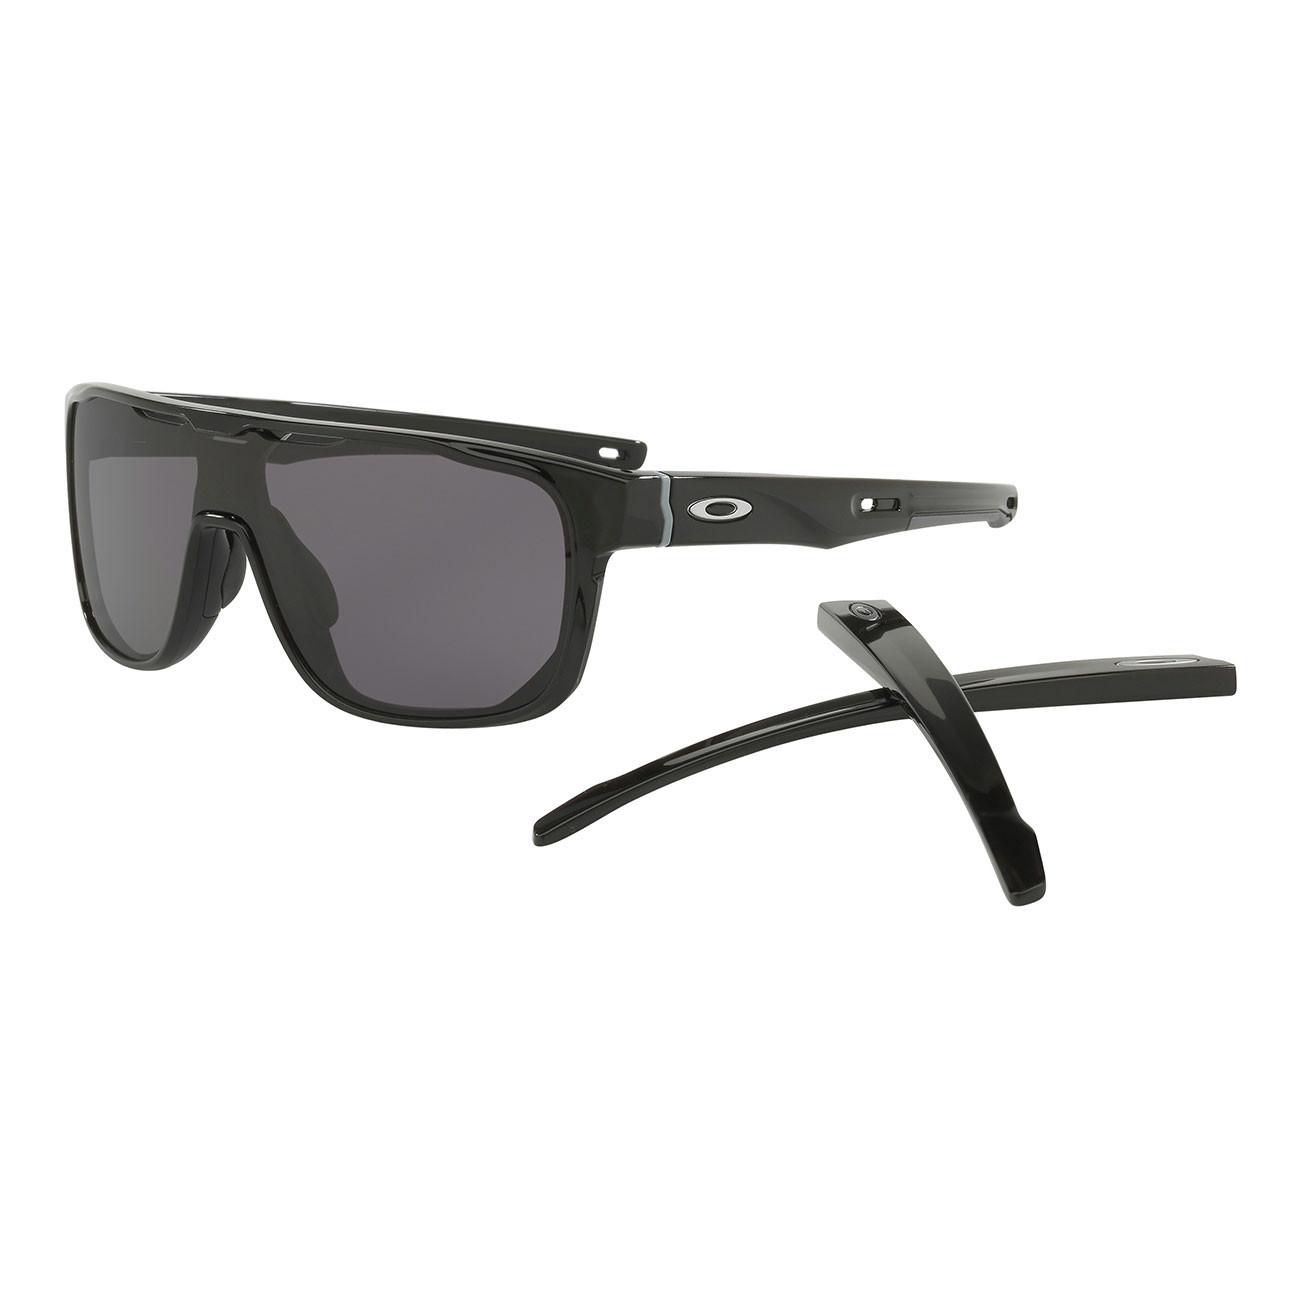 Sluneční brýle Oakley Crossrange Shield polished black